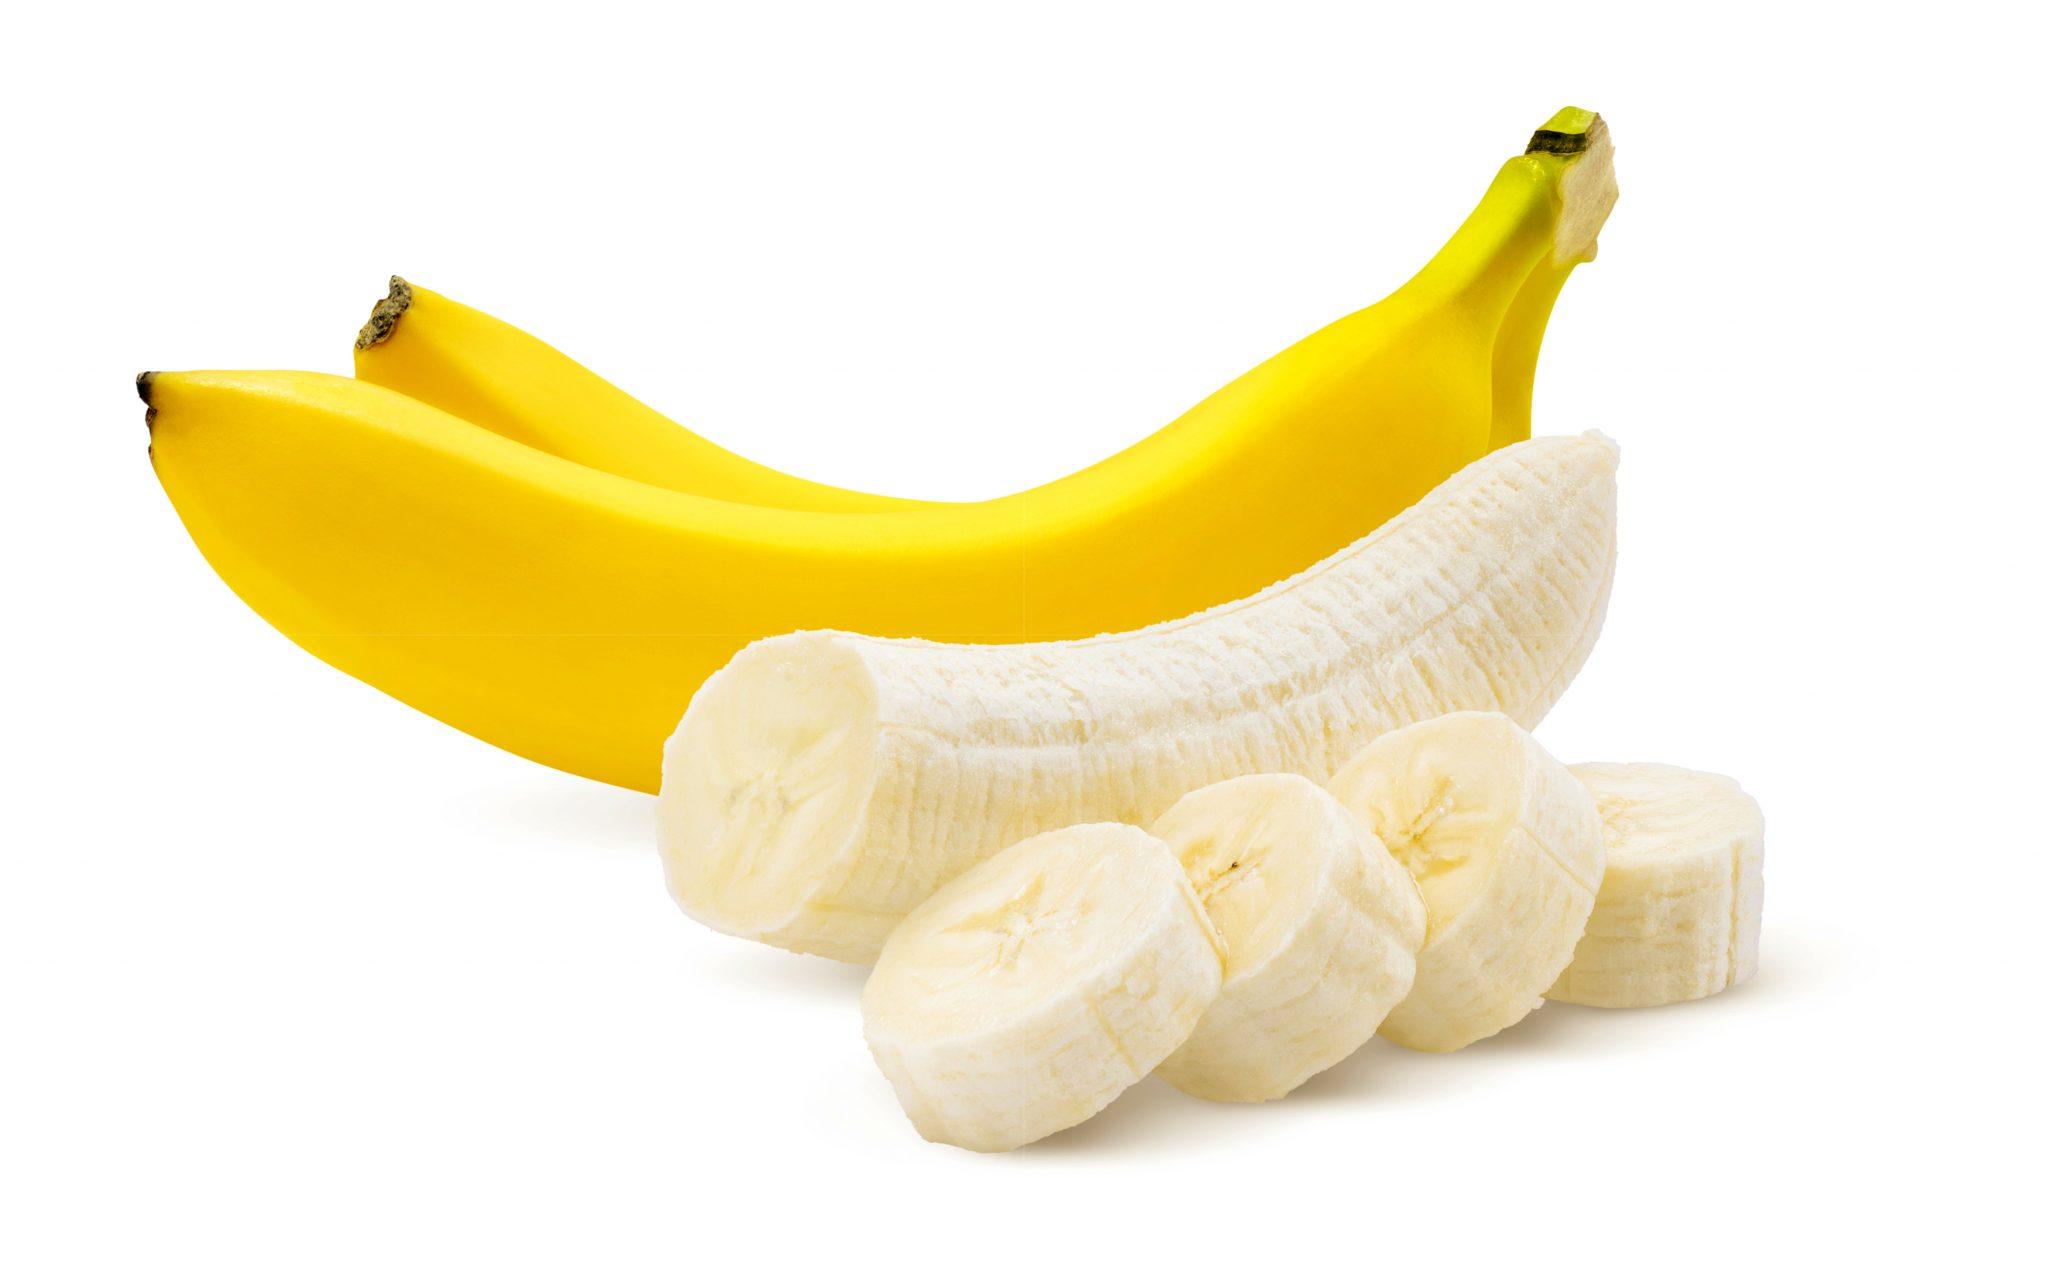 バナナと切ったバナナ